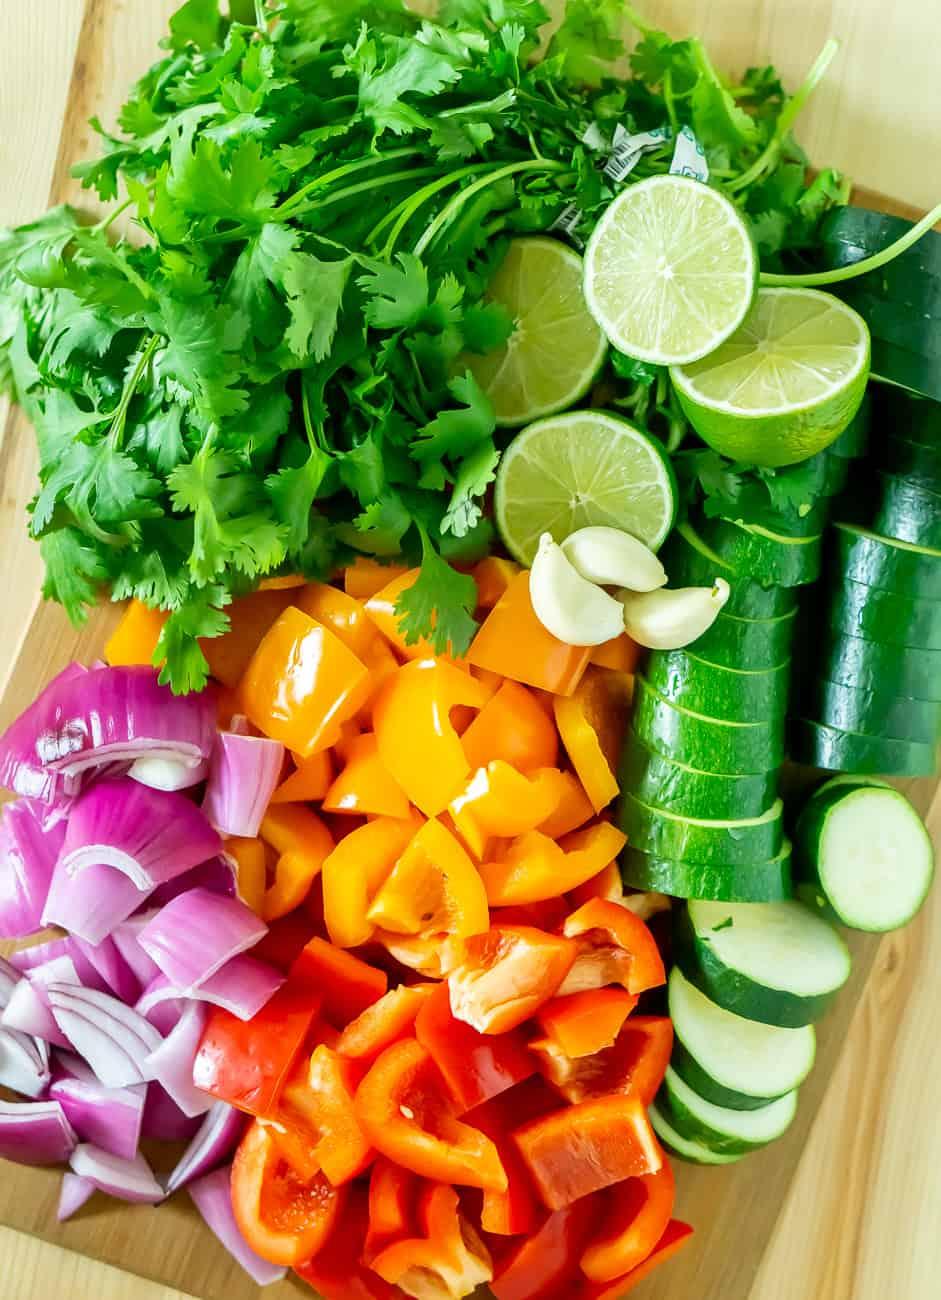 vegetables for shrimp skewers